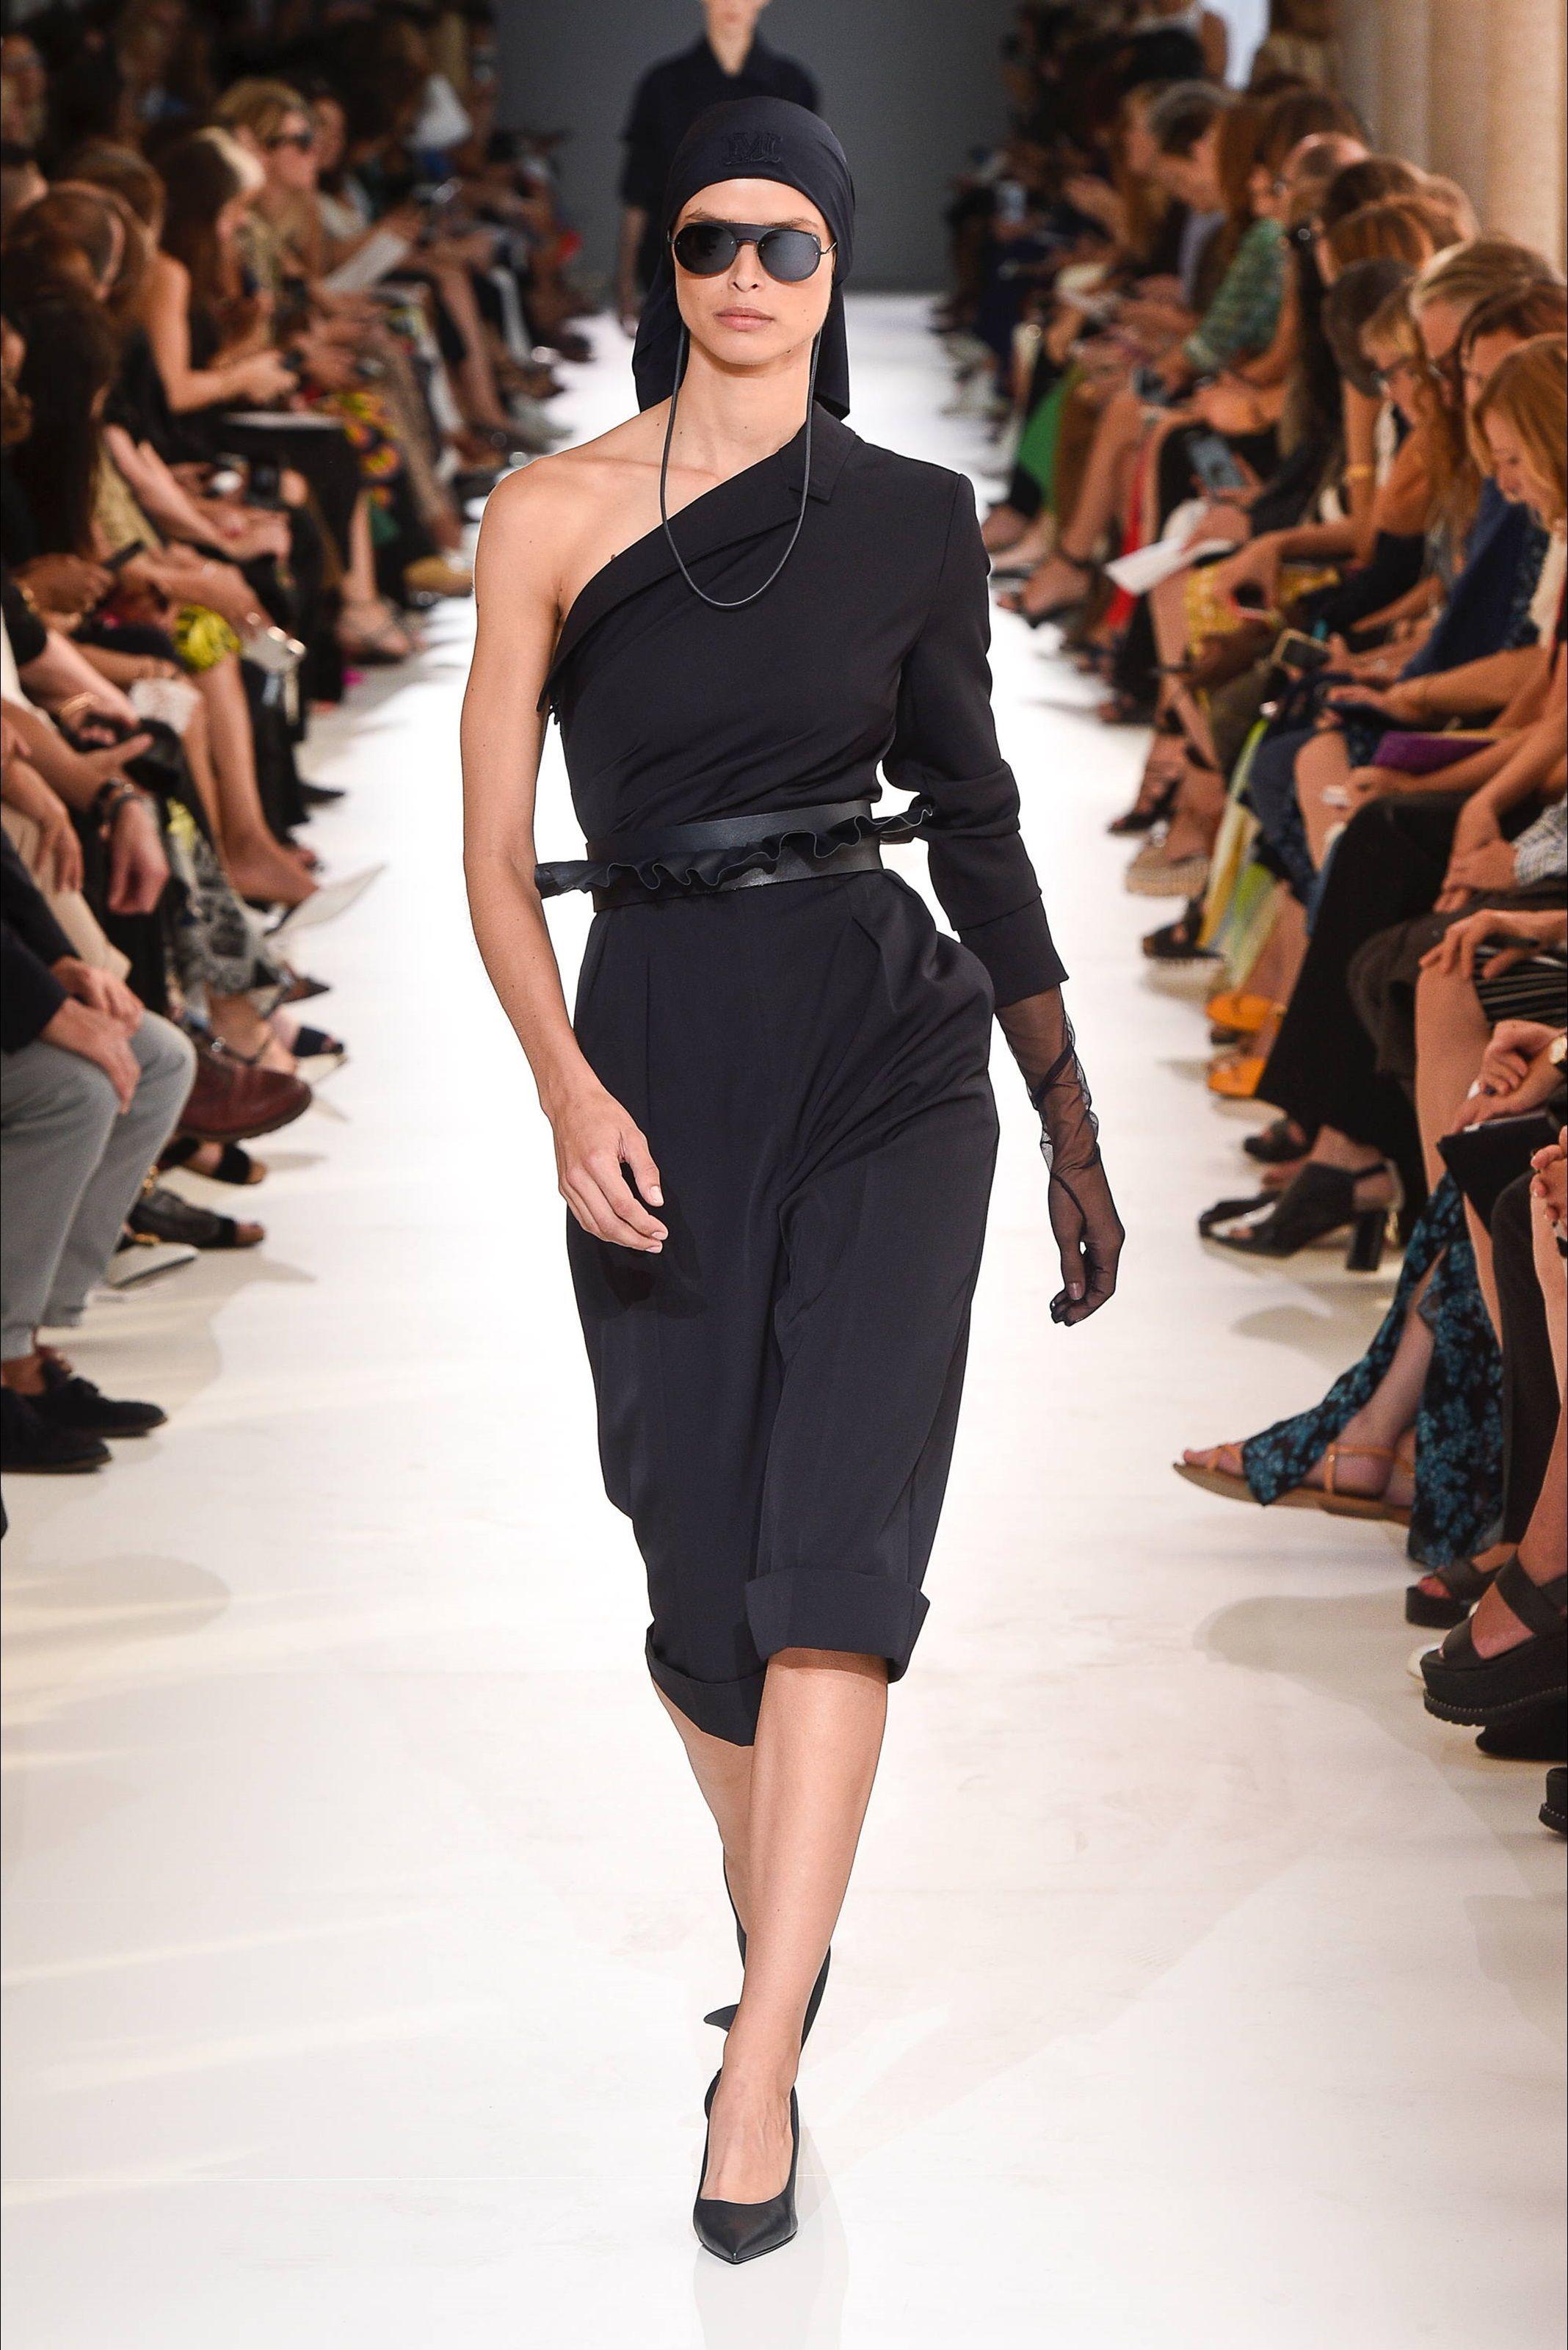 assolutamente alla moda alta qualità la migliore vendita Sfilata Max Mara Milano - Collezioni Primavera Estate 2019 ...